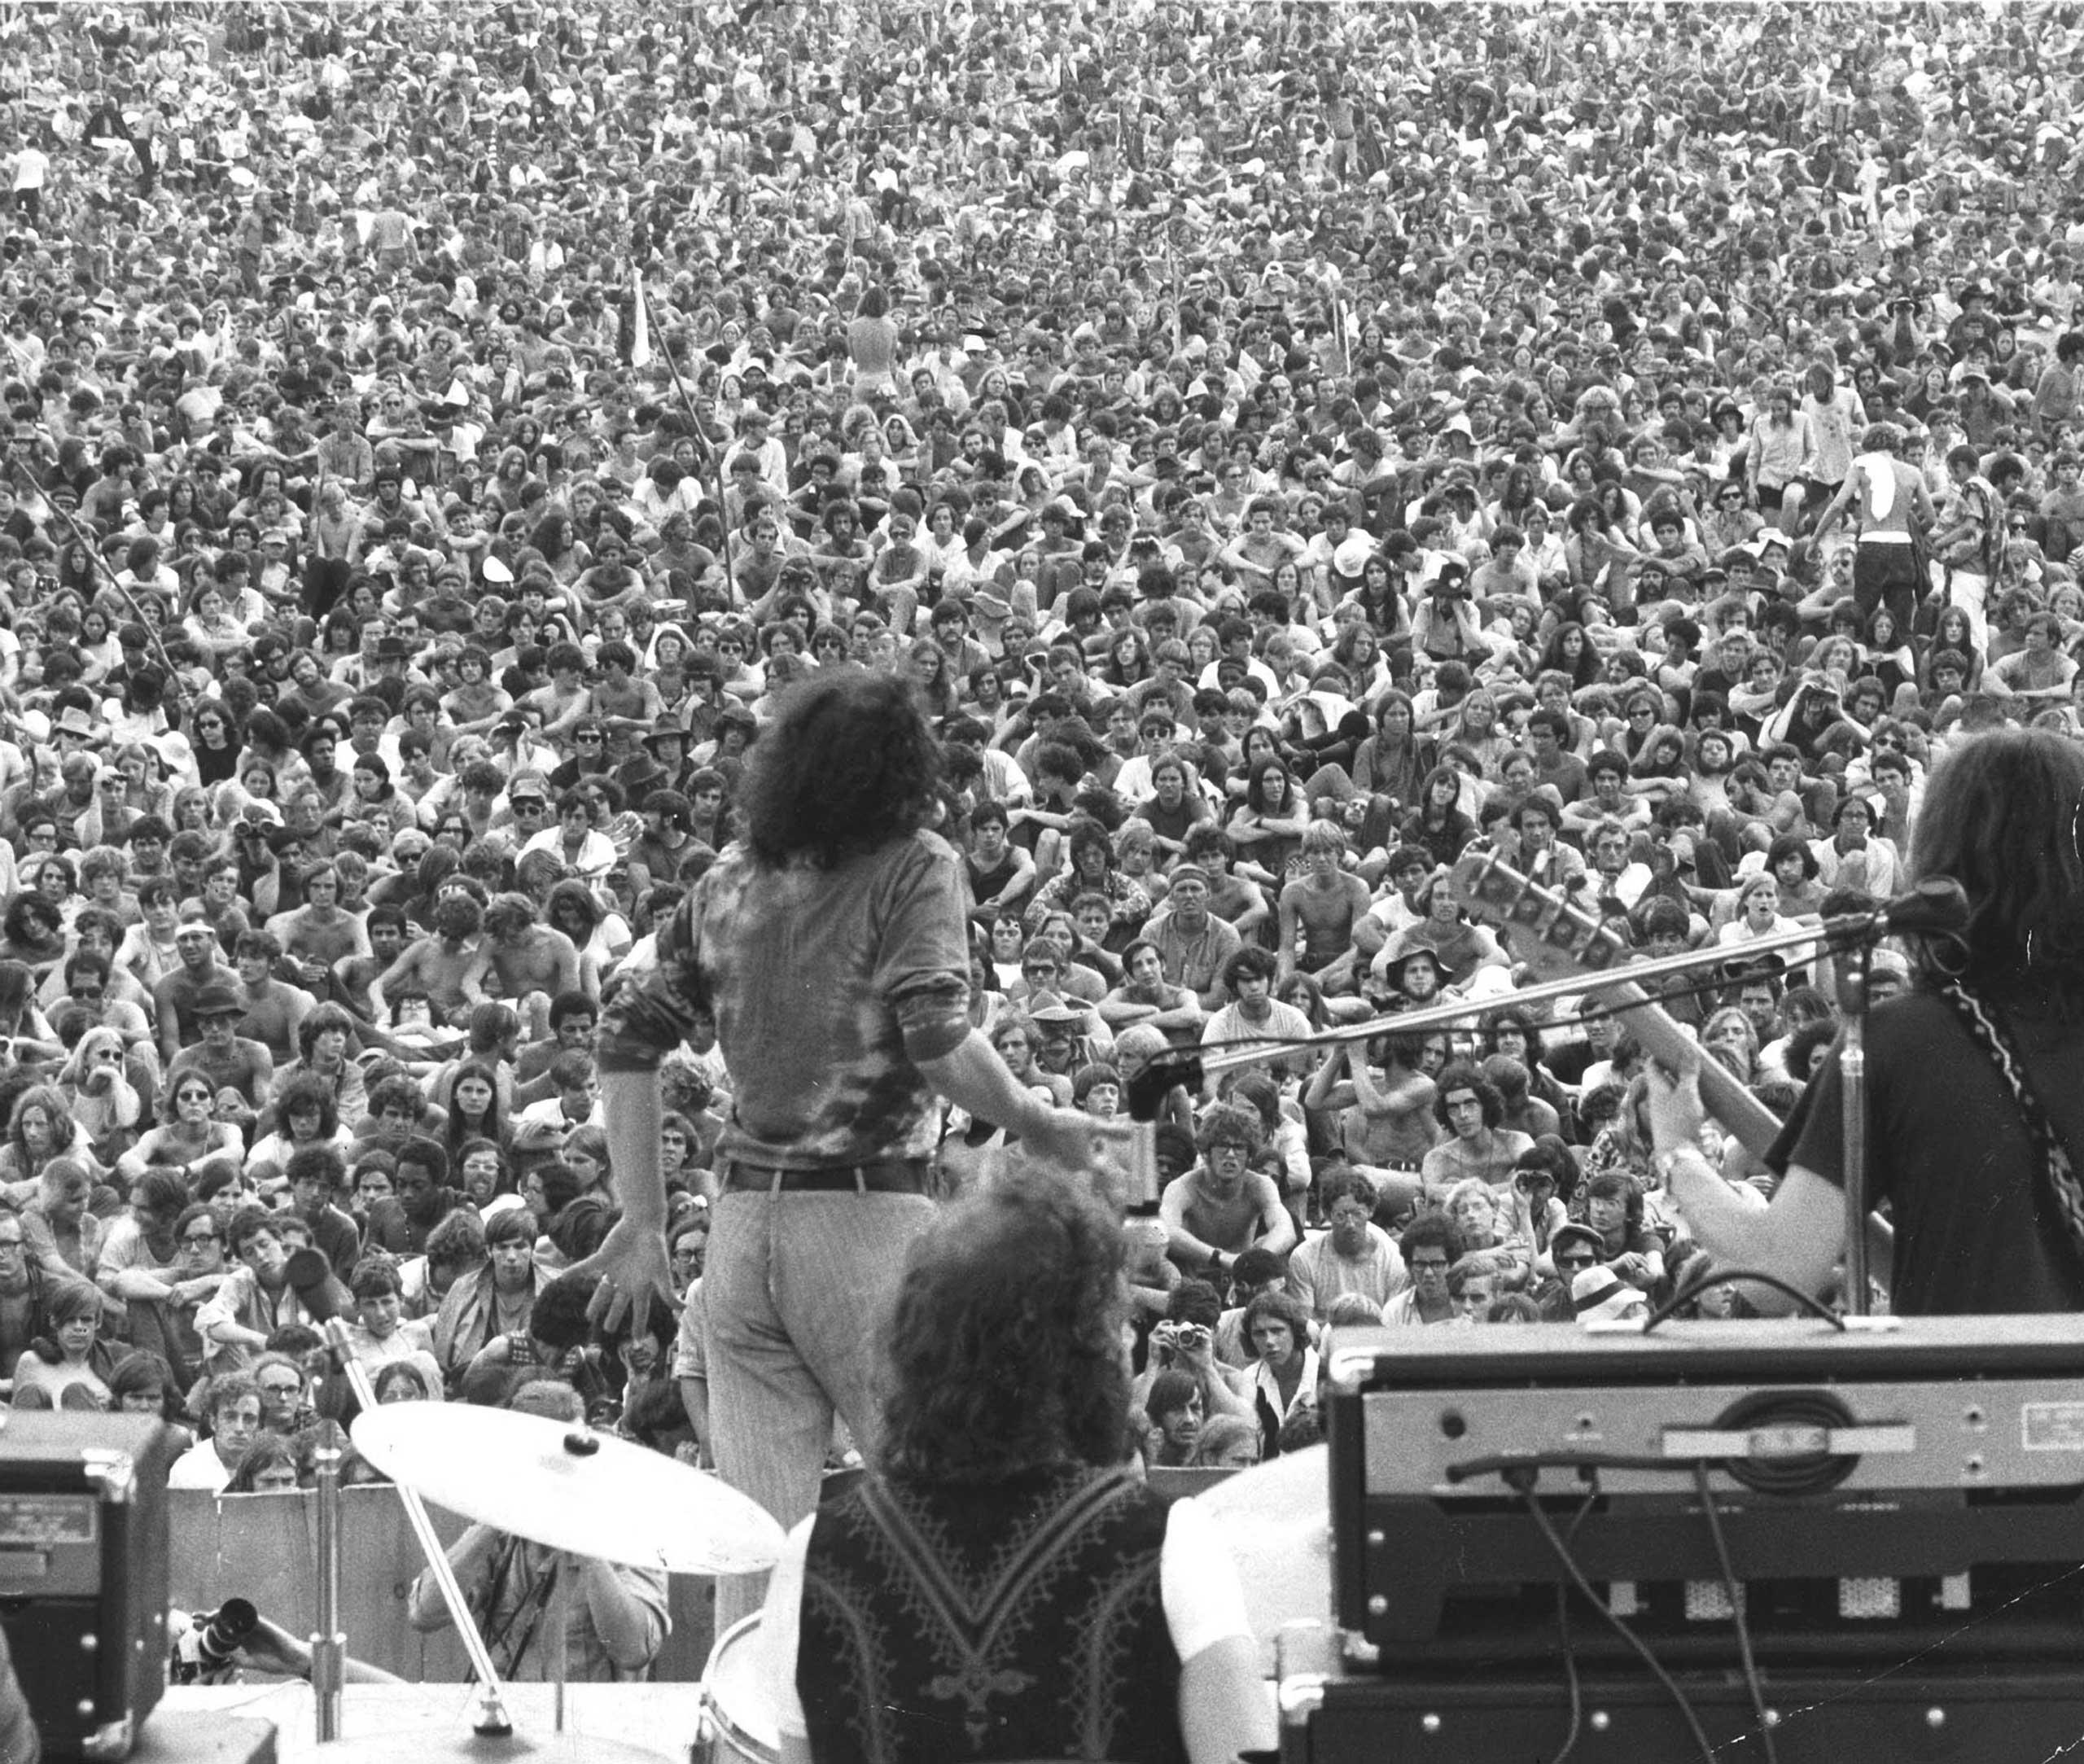 Joe Cocker performs at Woodstock, 1969.